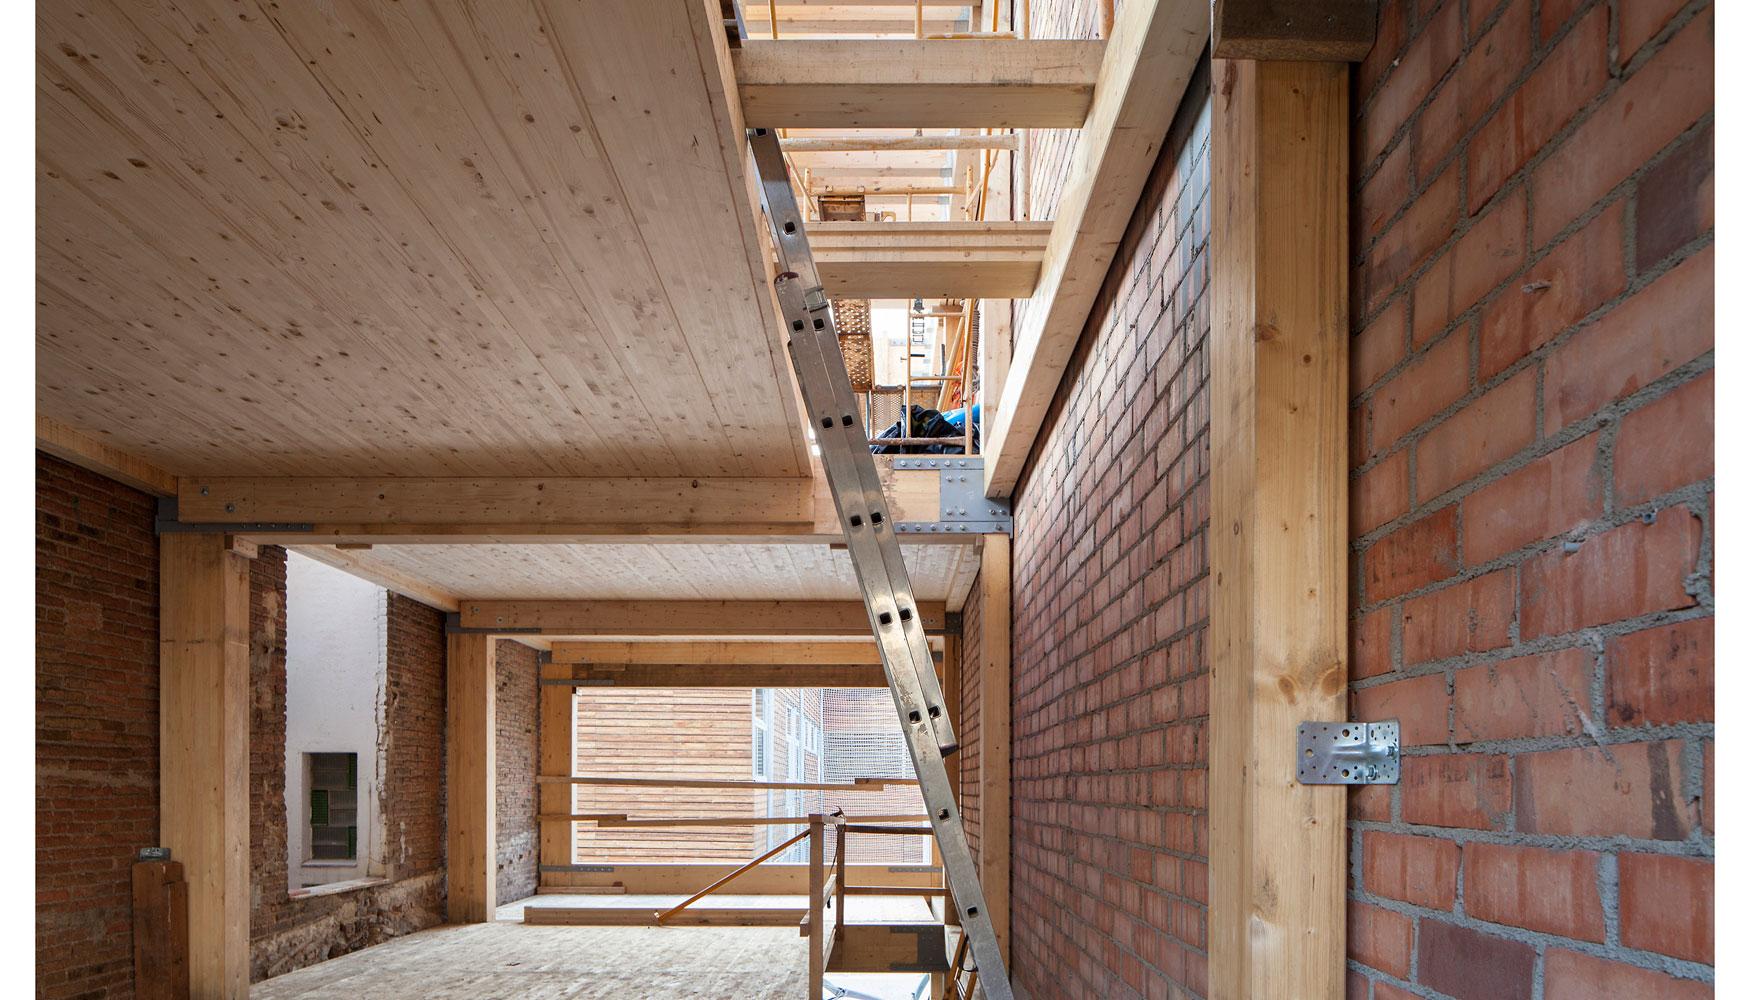 House Habitat concluye un edificio de madera de planta baja más tres ...